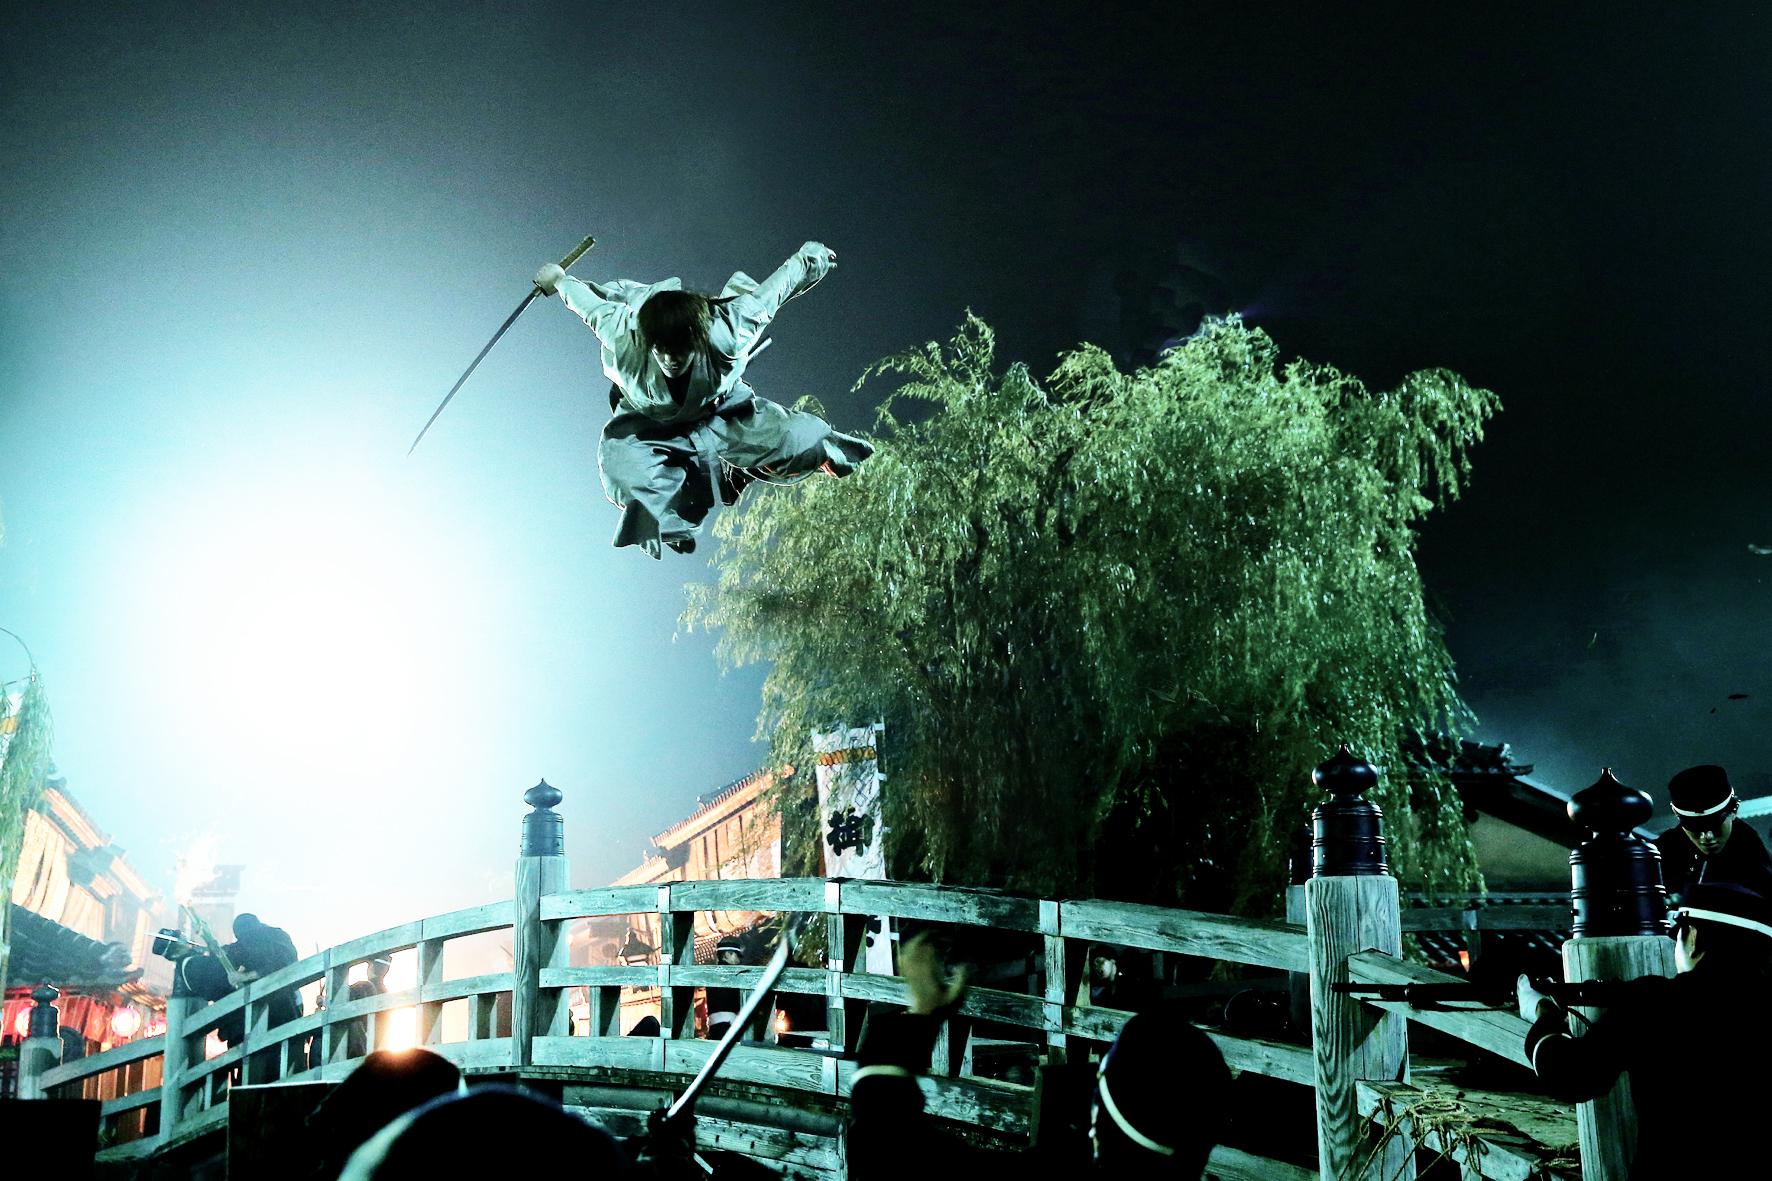 Rurouni Kenshin Trilogy - Screenshot 08